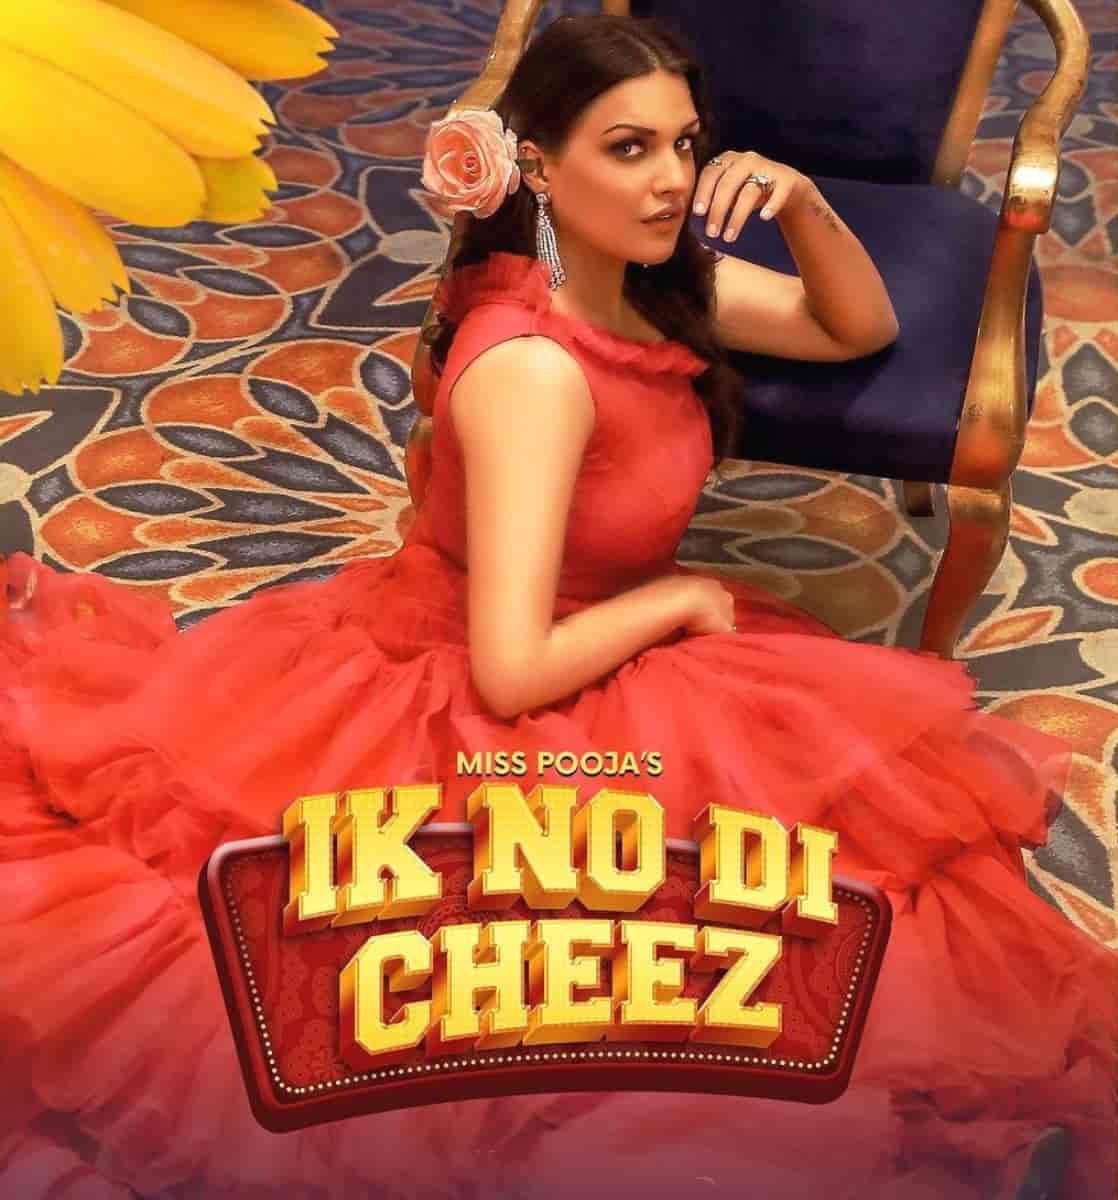 Ik No Di Cheez Punjabi Song Image Features Miss Pooja And Himanshi Khurana